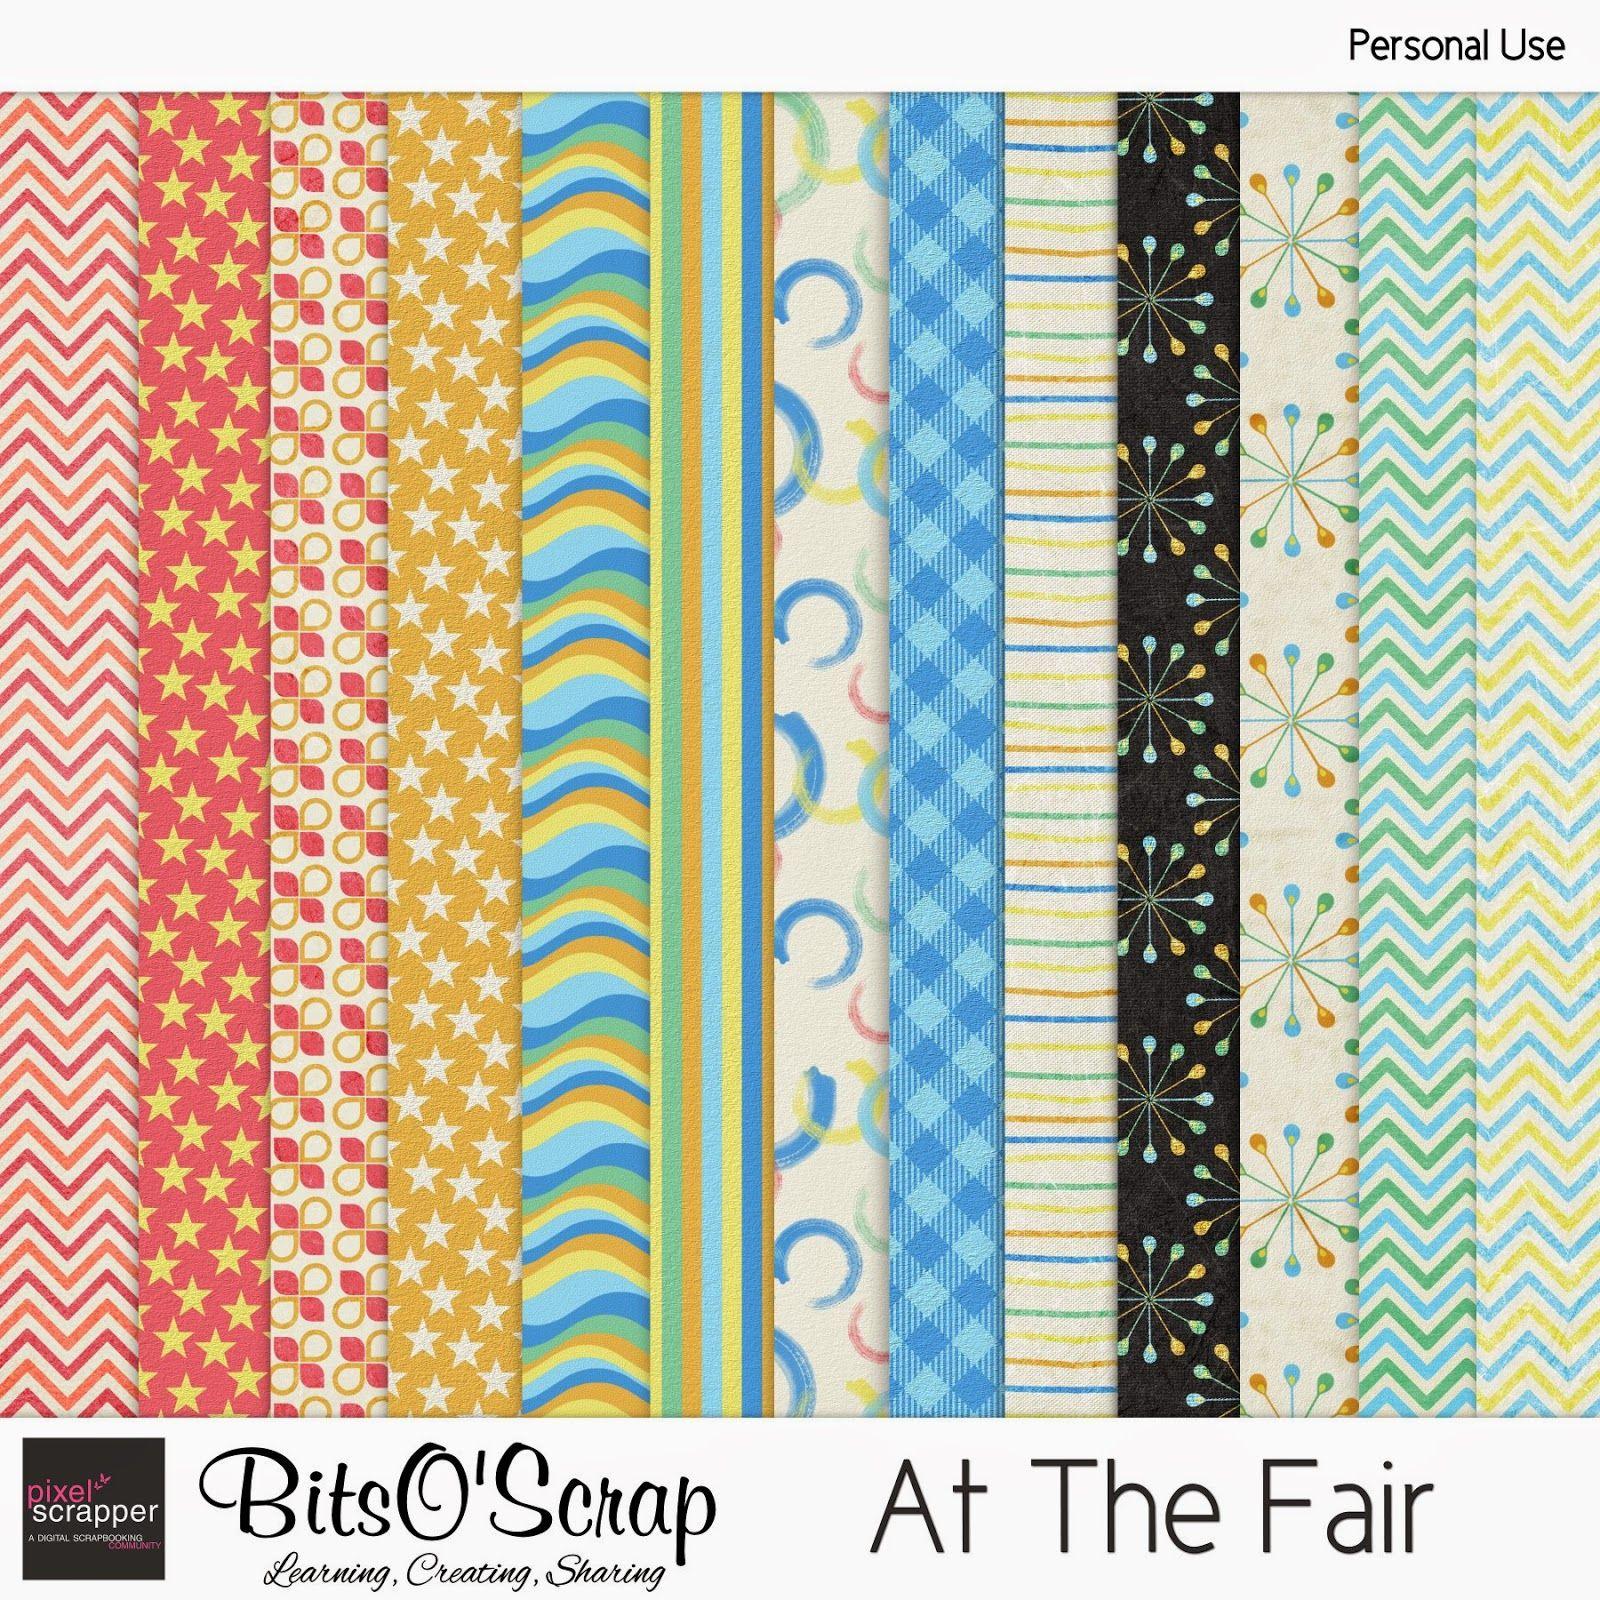 FREE Bits O'Scrap: Pixel Scrapper - At The Fair